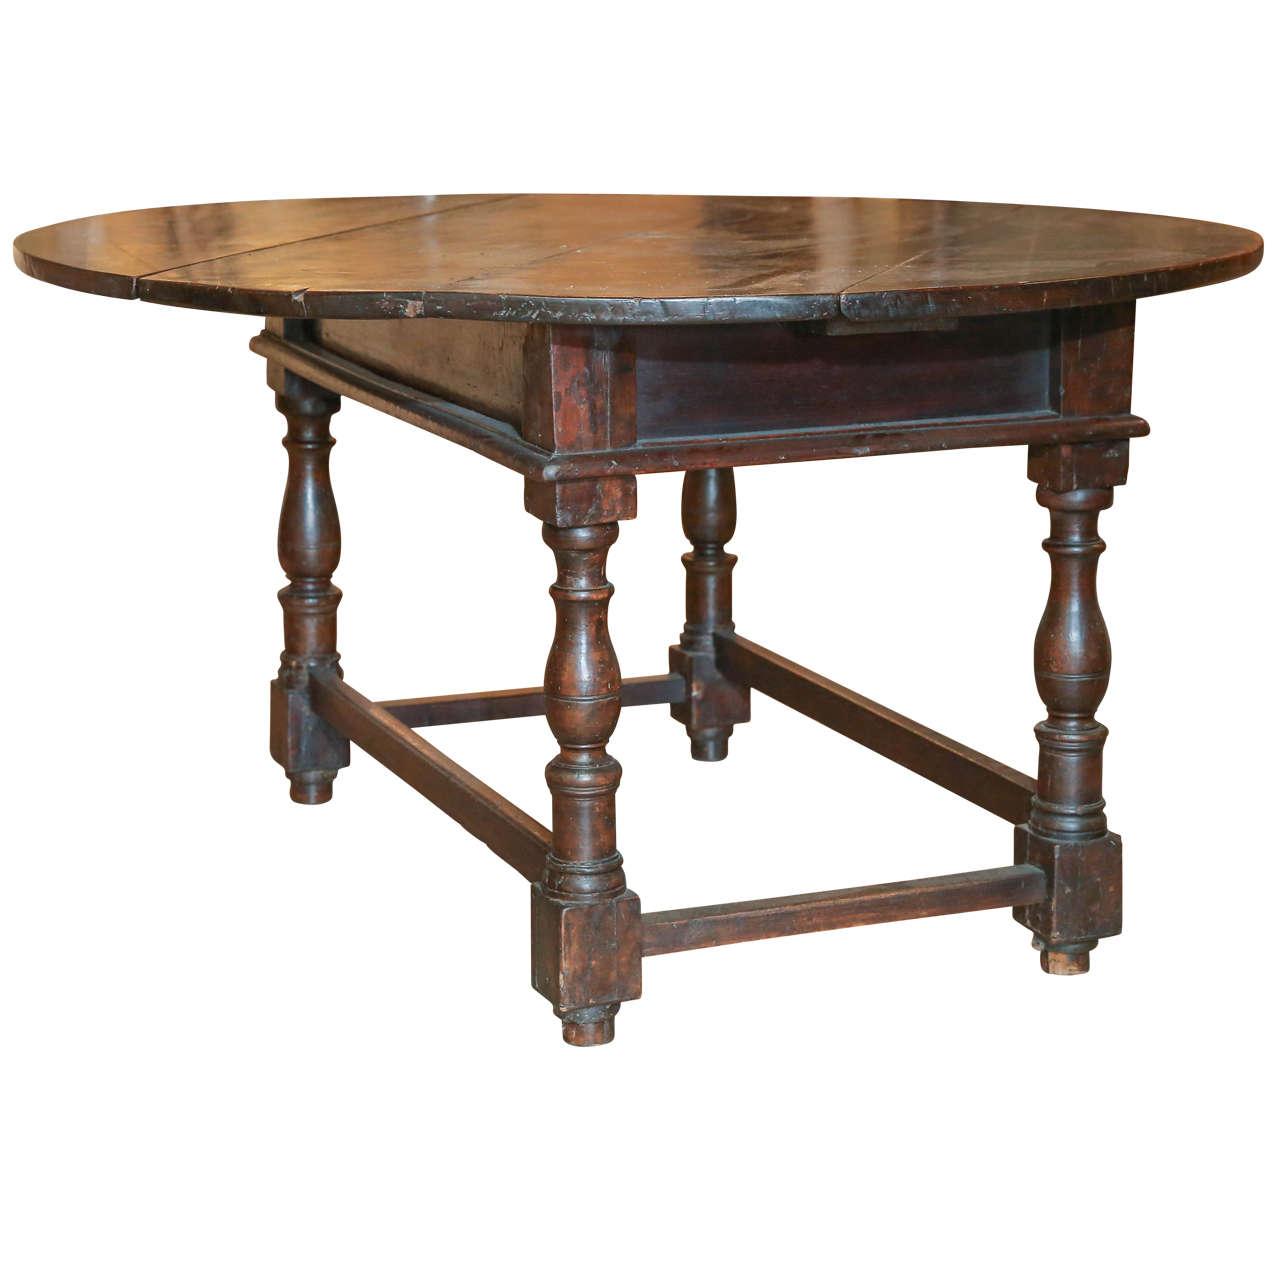 18th Century Italian Drop-Leaf Table at 1stdibs